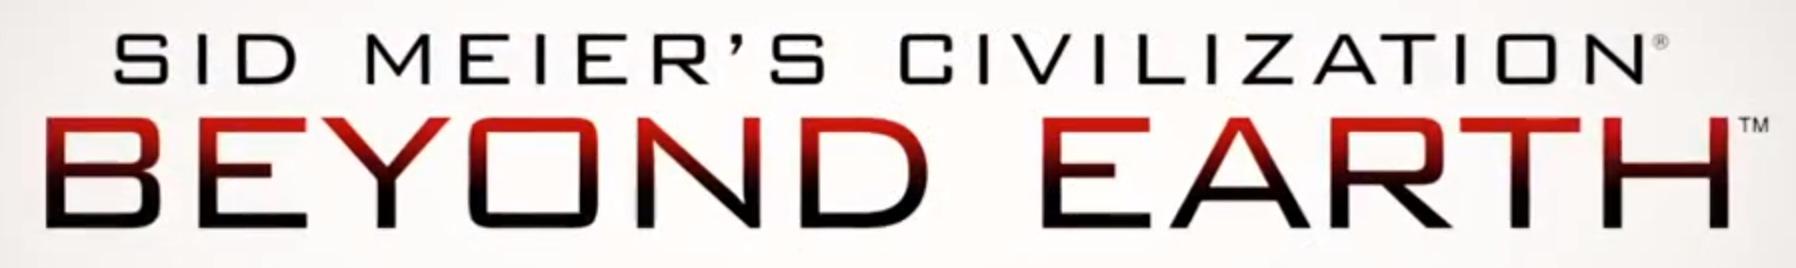 civ-1